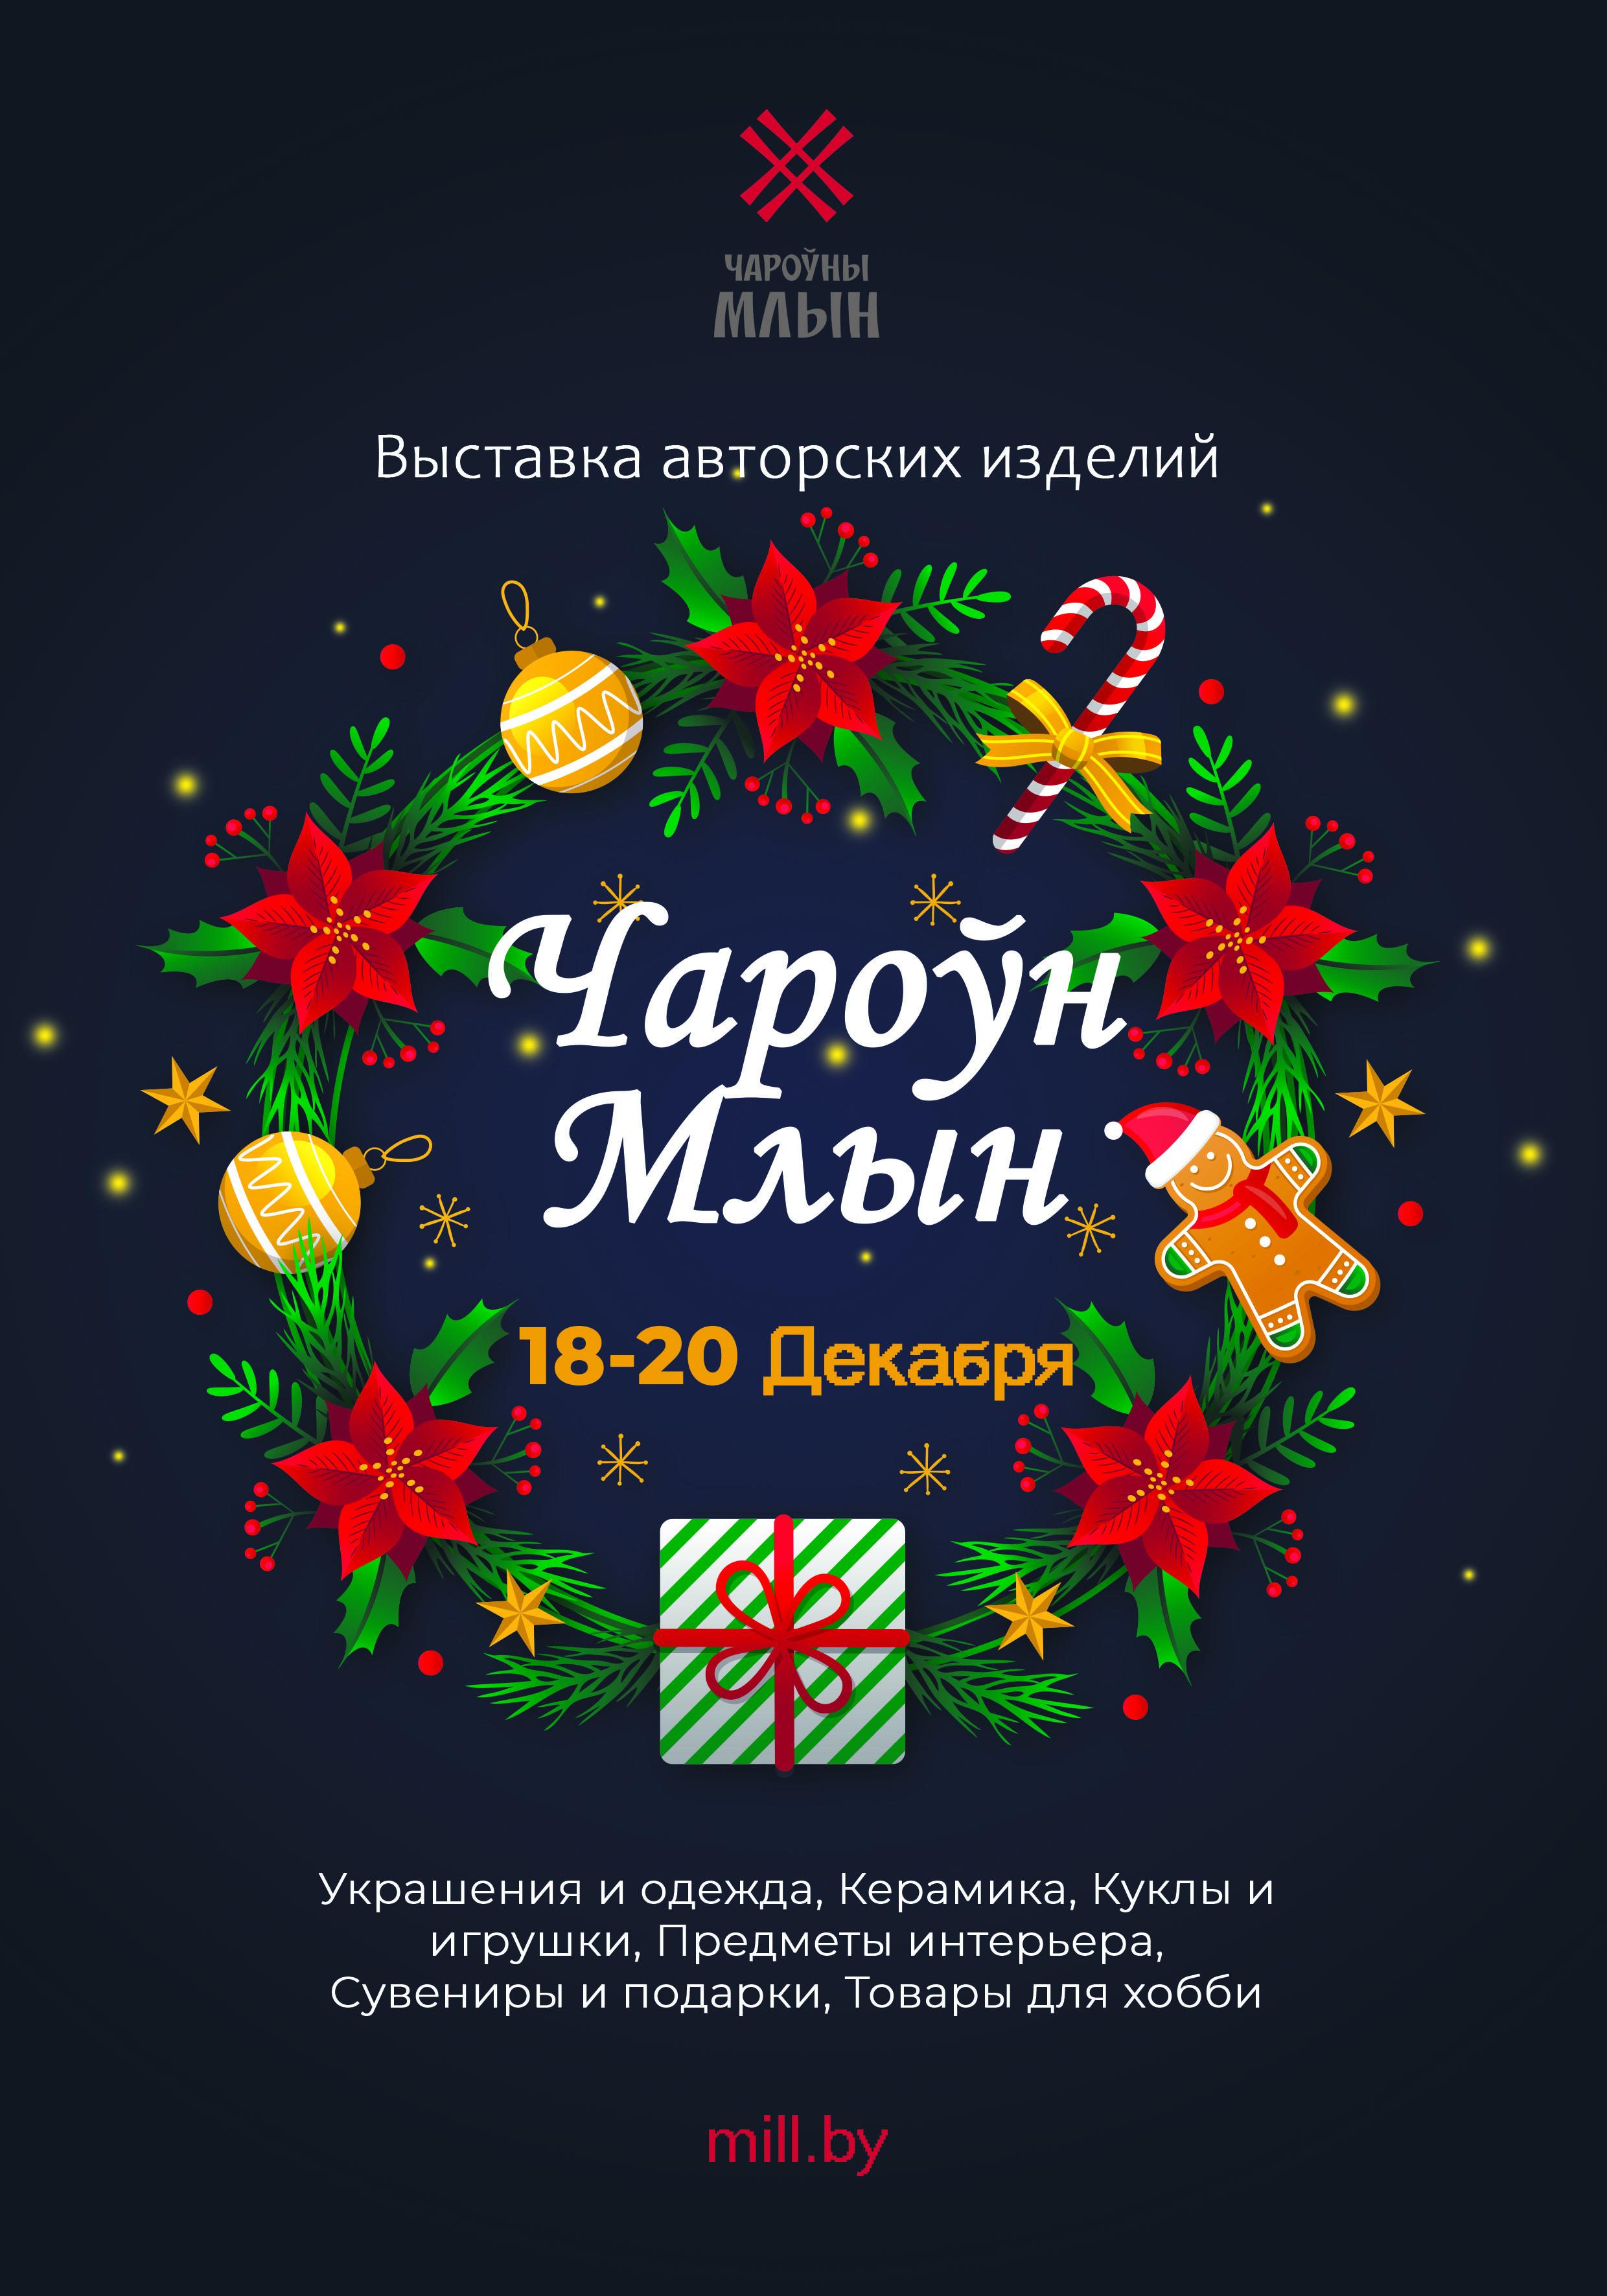 Дизайн новогодней афиши для выставки изделий ручной работы фото f_9005f903f0c249a3.jpg